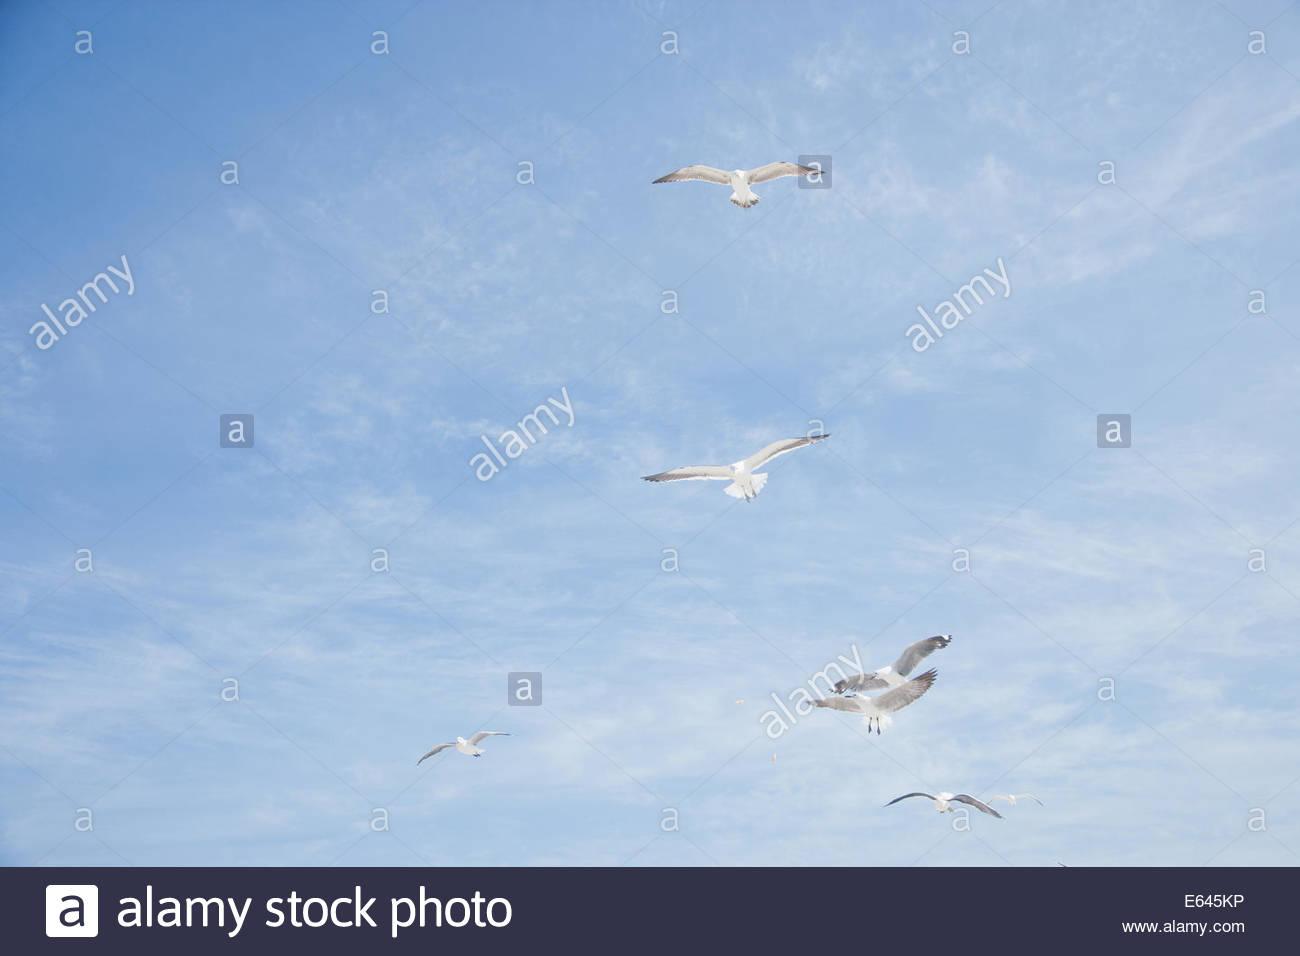 Gulls against blue sky - Stock Image